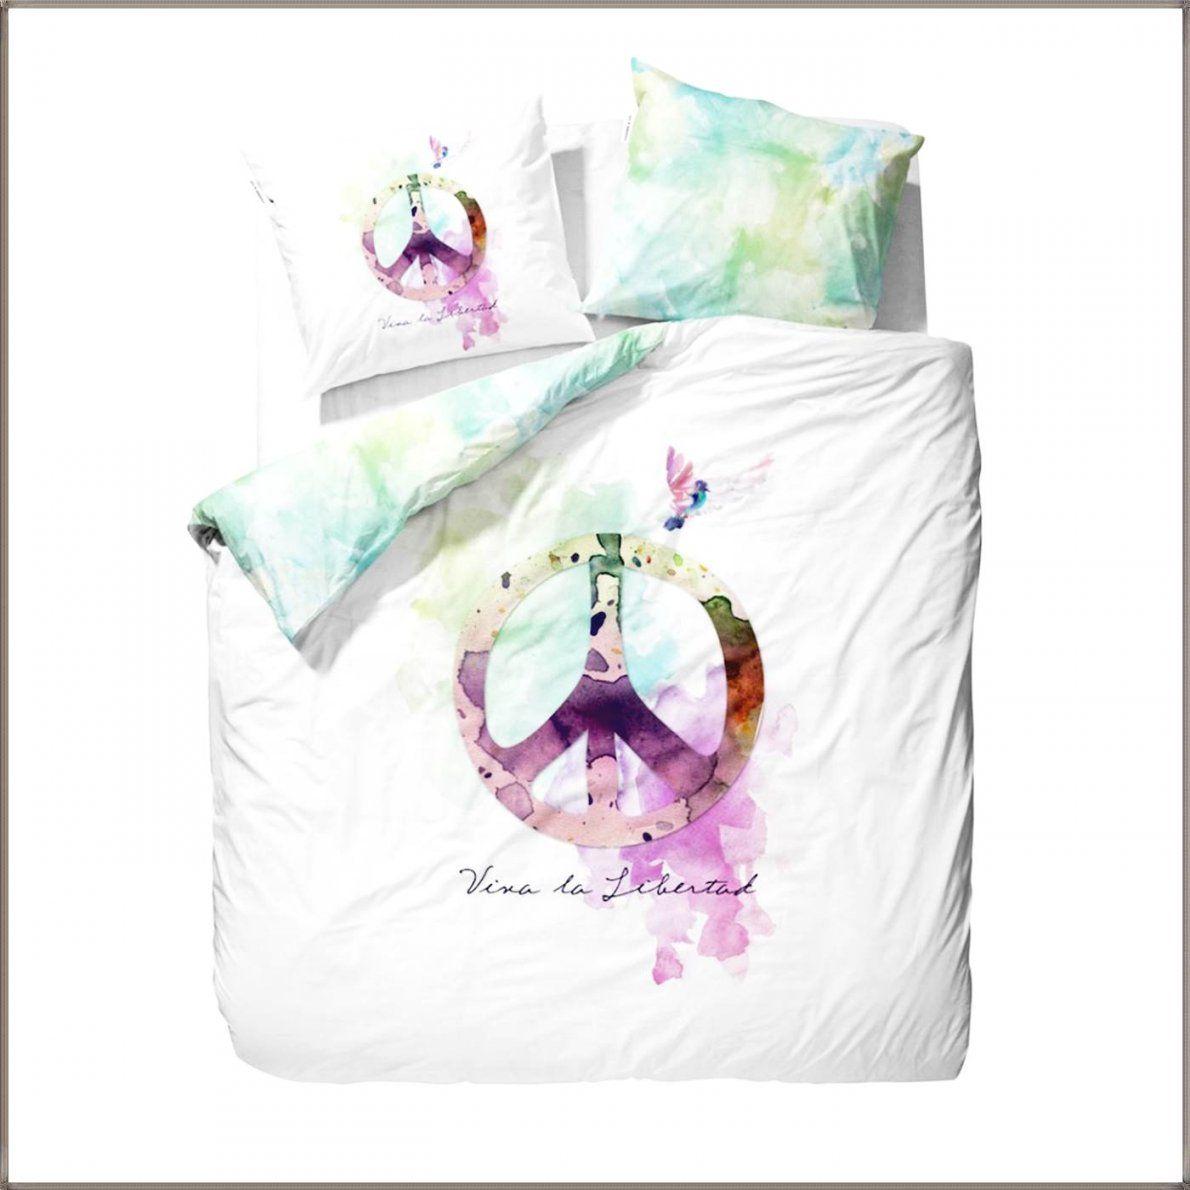 Coole Bettwäsche Für Teenager Mit Günstig Online Kaufen Qualität Von von Bettwäsche Für Teenager Bild